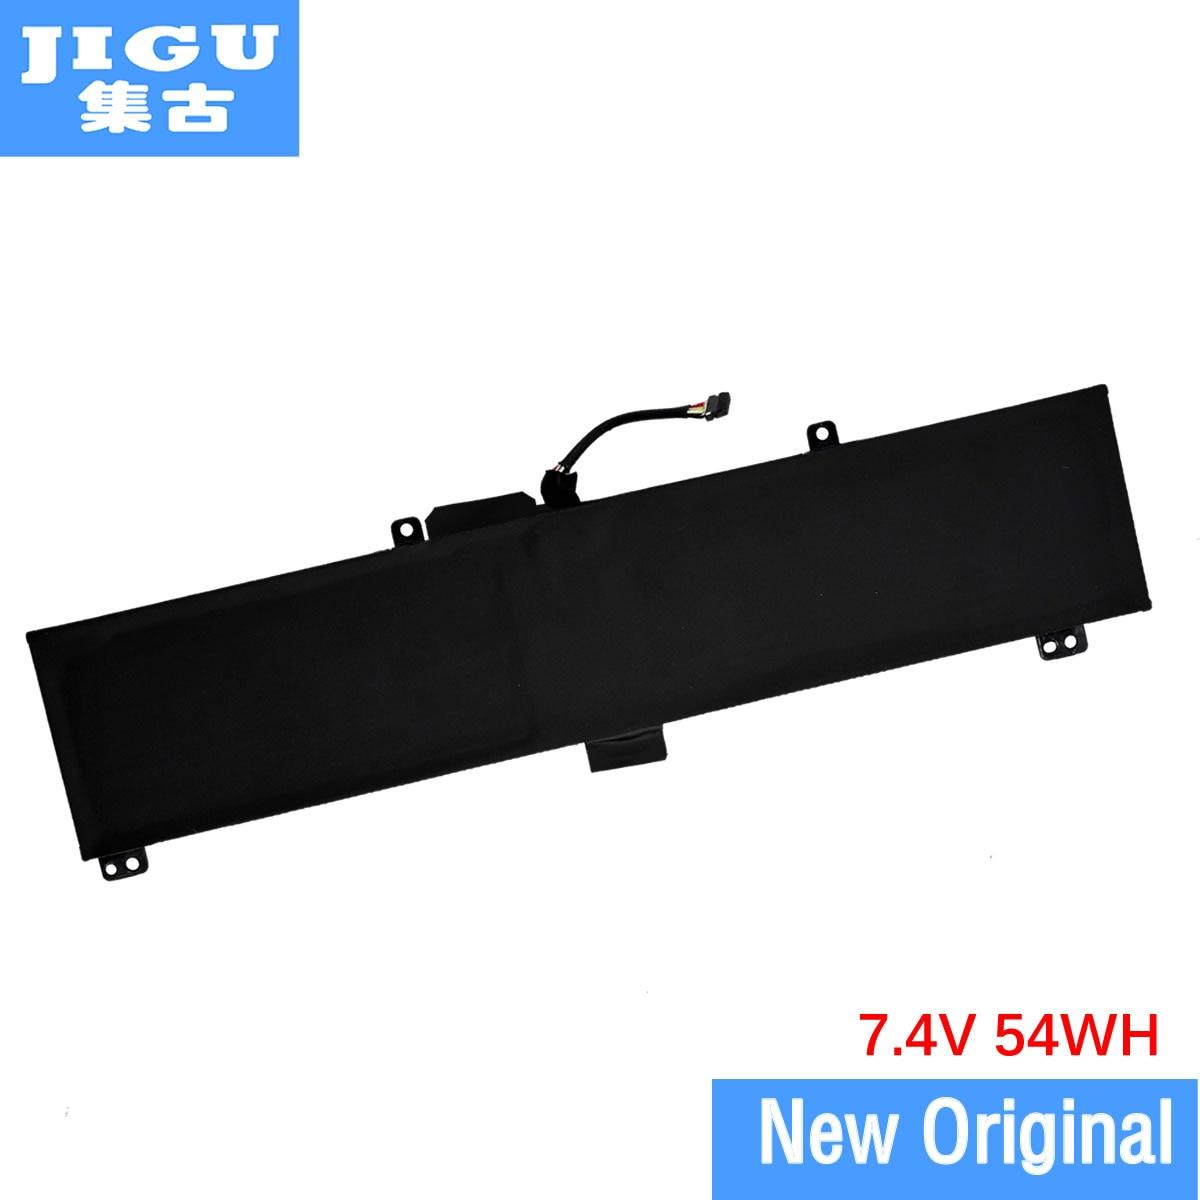 JIGU L13L4P01 L13M4P02 L13N4P01 Original laptop Battery For Lenovo Y50 Y50-70 Y50P Y50-70AM-IFI Y50-70AS-ISE 7.4V 54WH jigu l09n8t22 l09n8y22 l09p8y22 lo9p8y22 original laptop battery for lenovo ideapad u460 14 4v 64wh